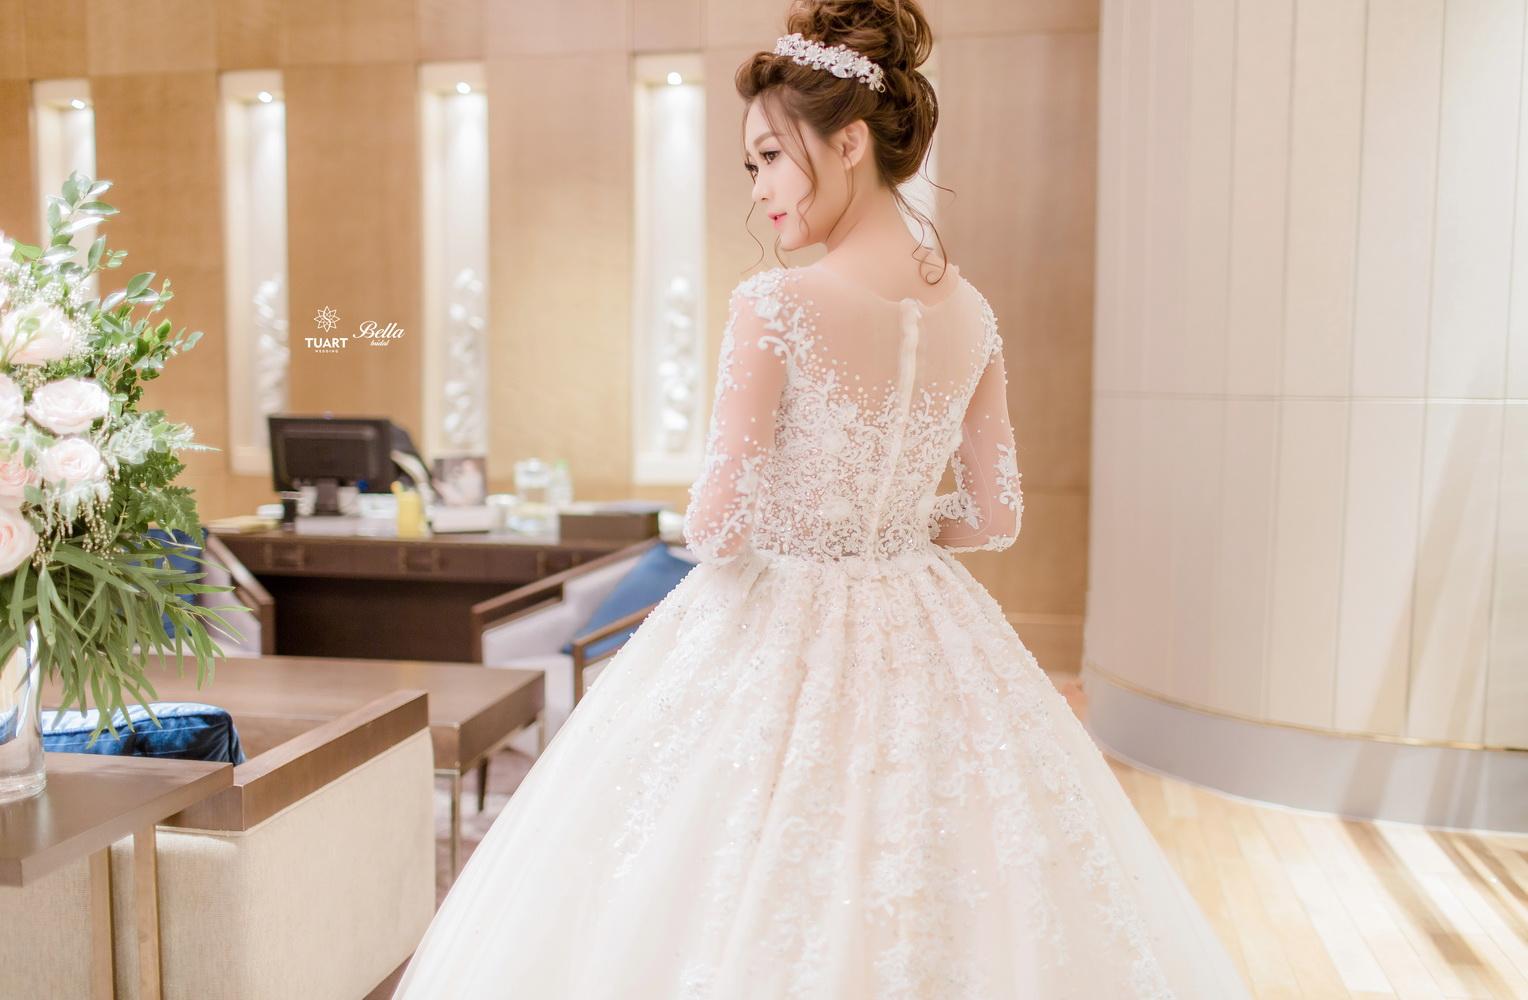 Album váy cưới bồng xòe 5